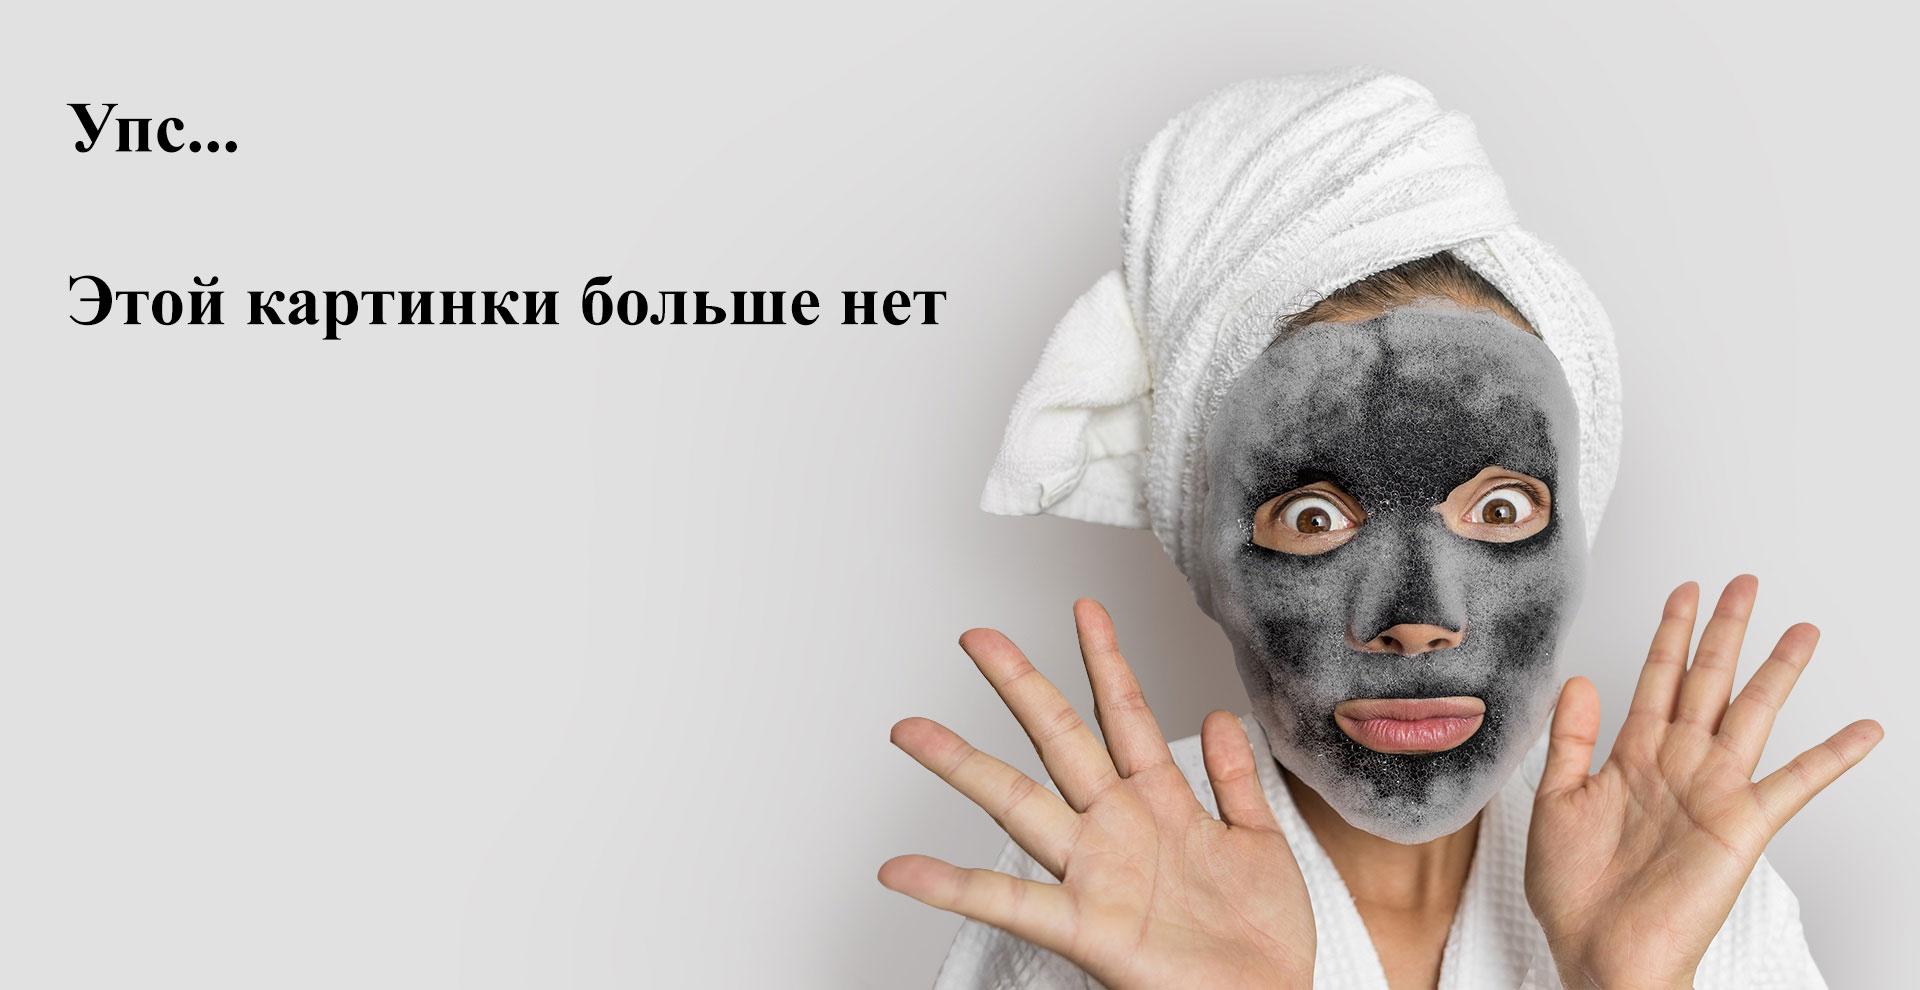 Londa Professional, Бальзам для кончиков волос Visible Repair, 75 мл